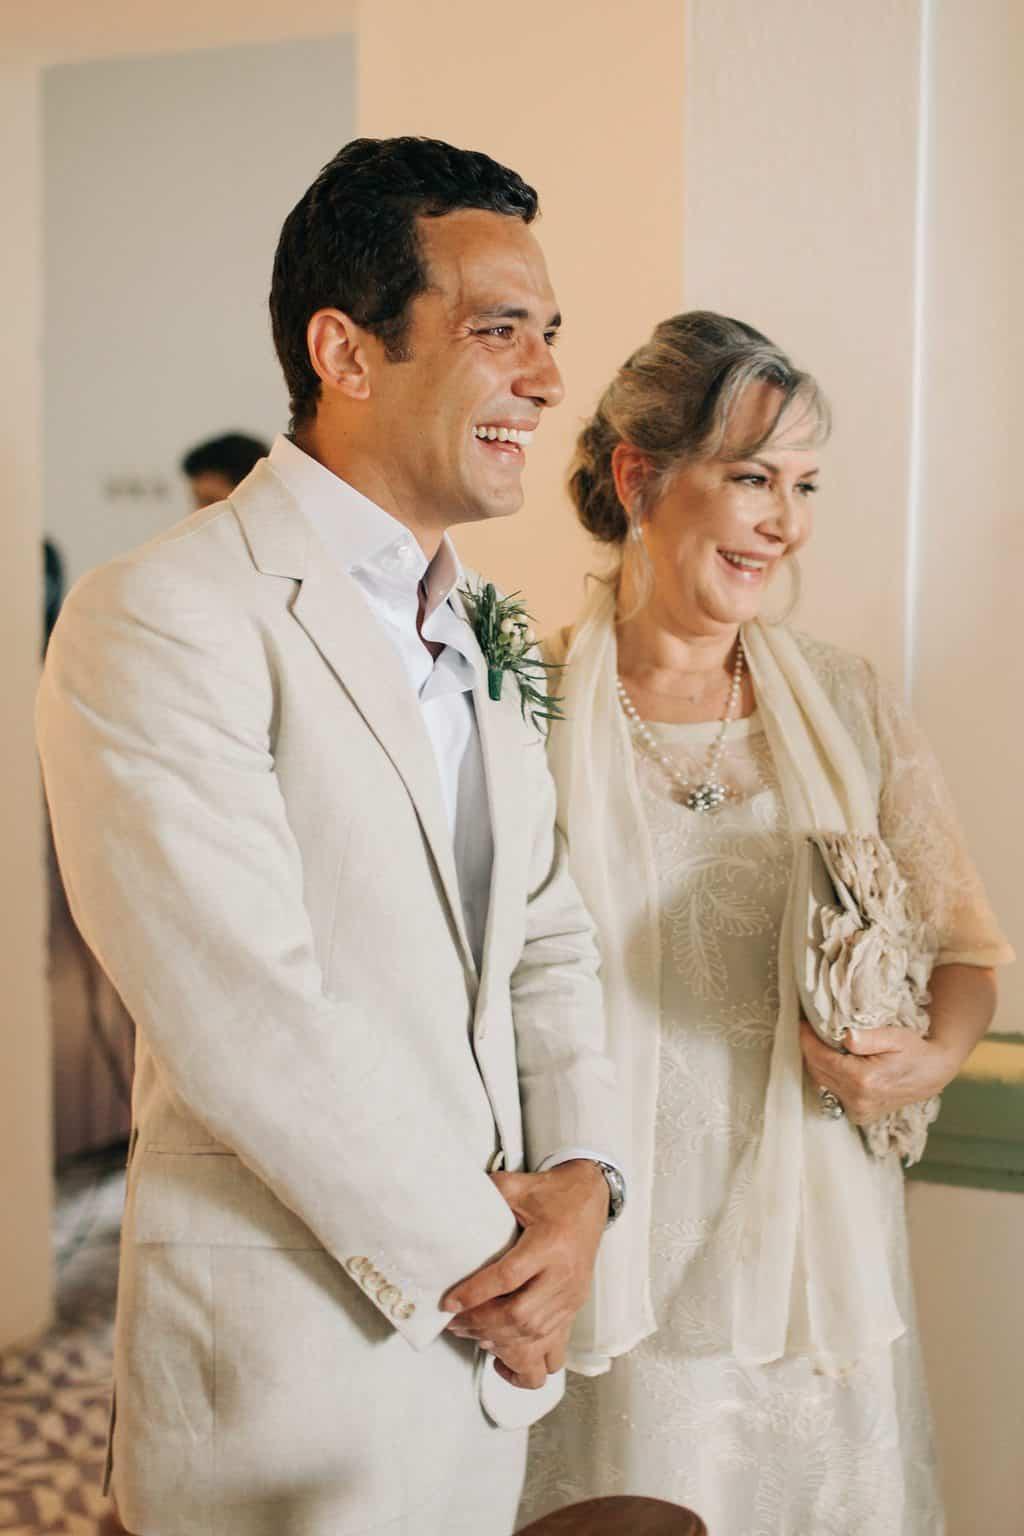 casamento-Danielle-e-Guilherme-aloha-fotografia-caseme-74